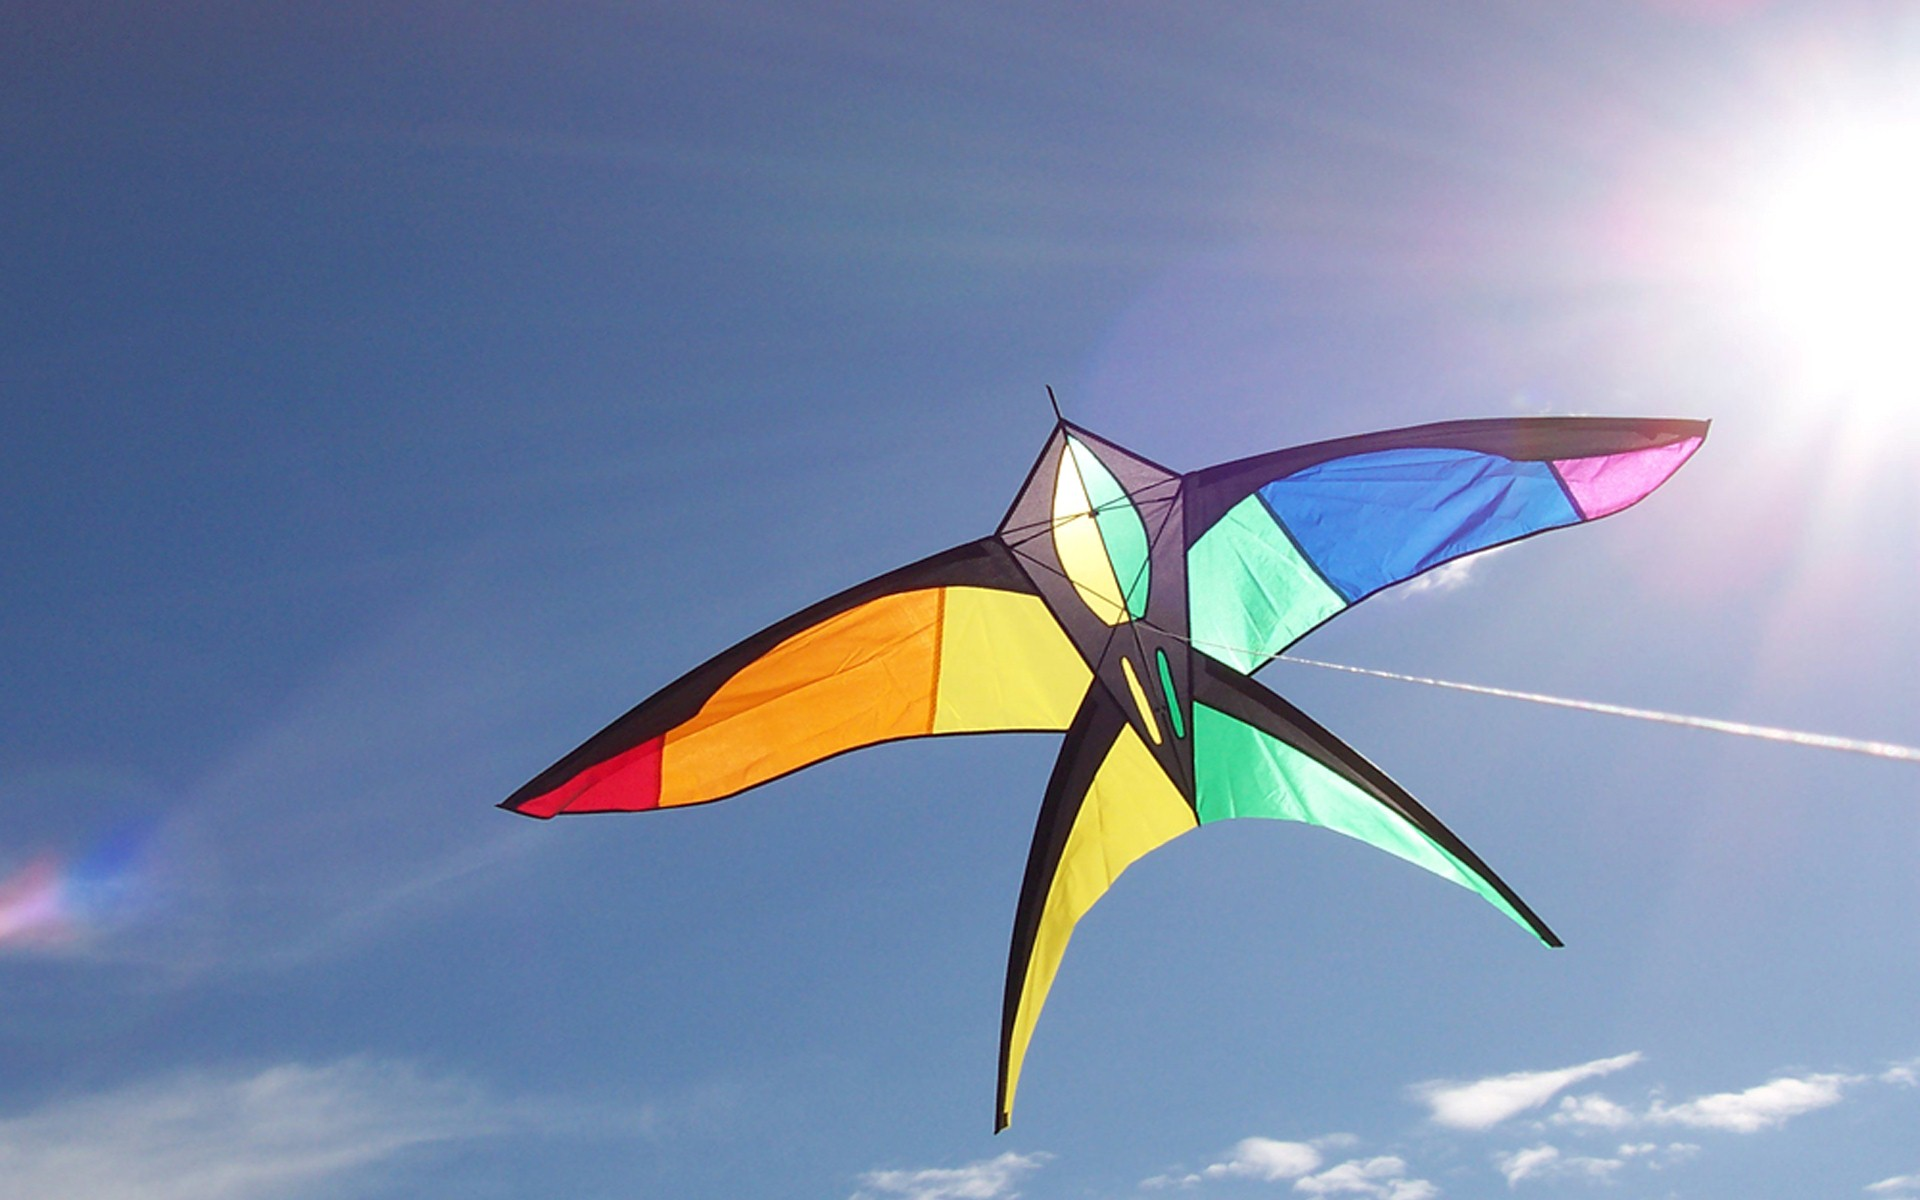 how to make a good homemade kite